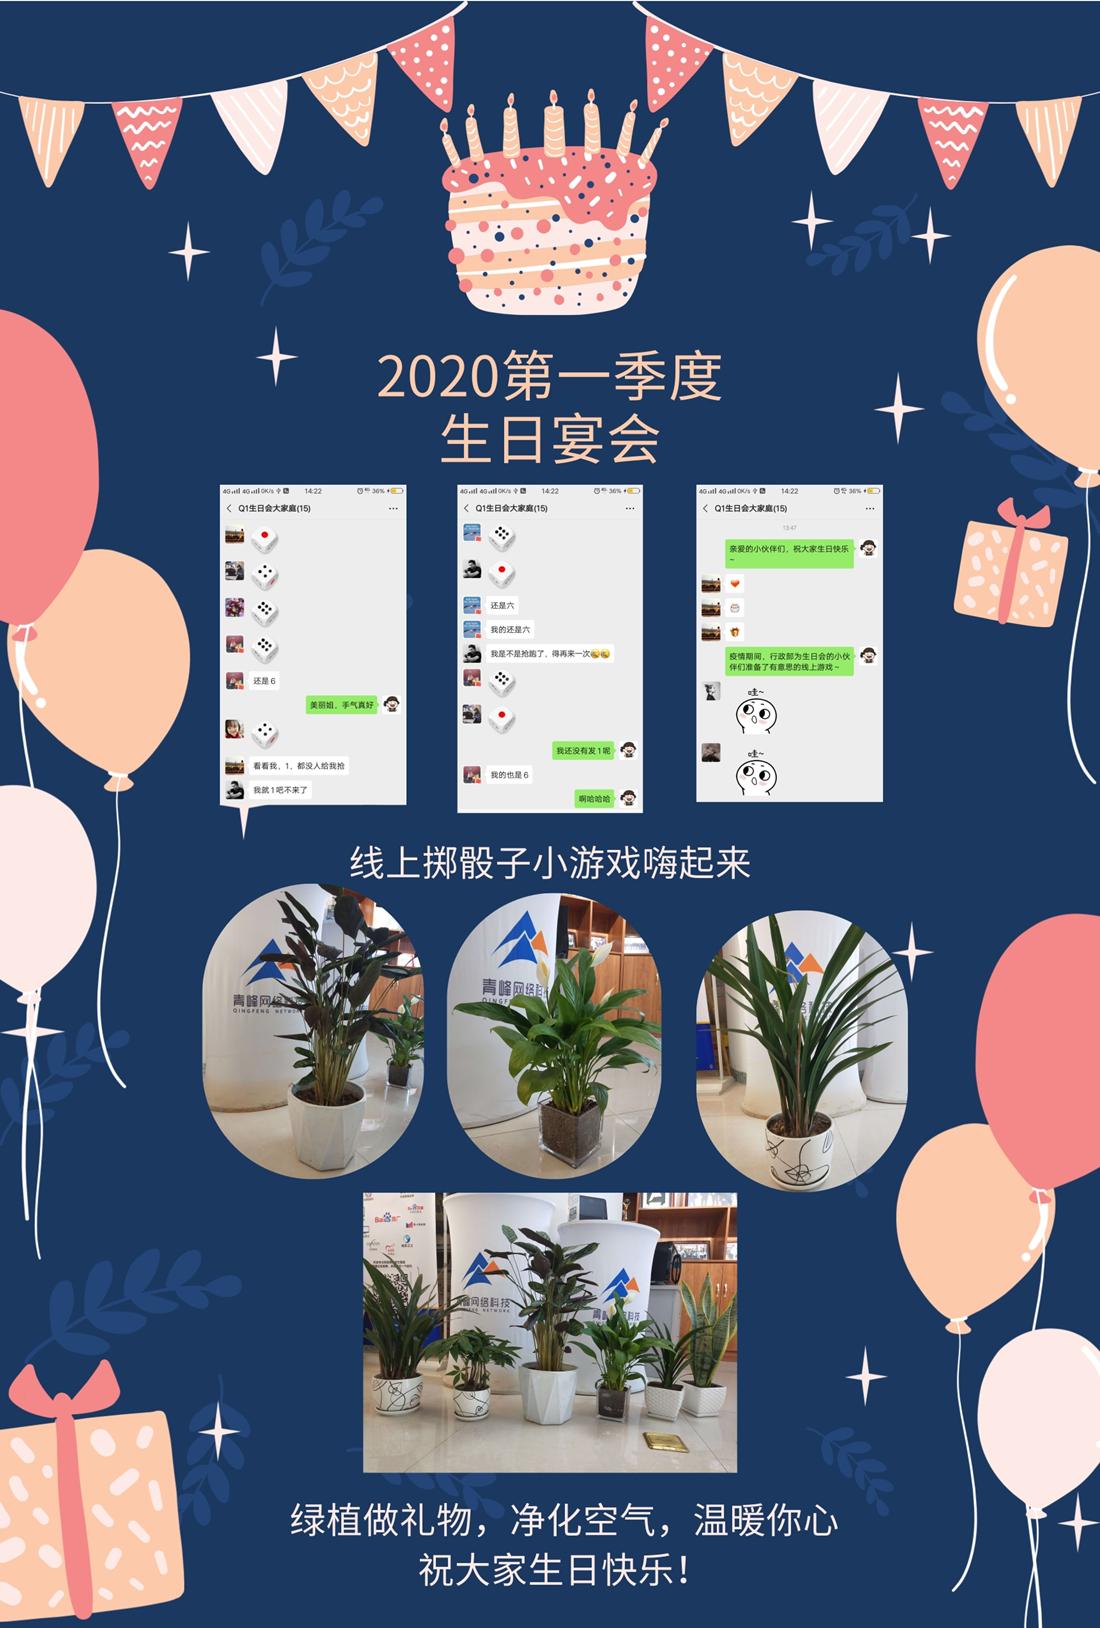 蓝色卡通生日宴会邀请函@凡科快图